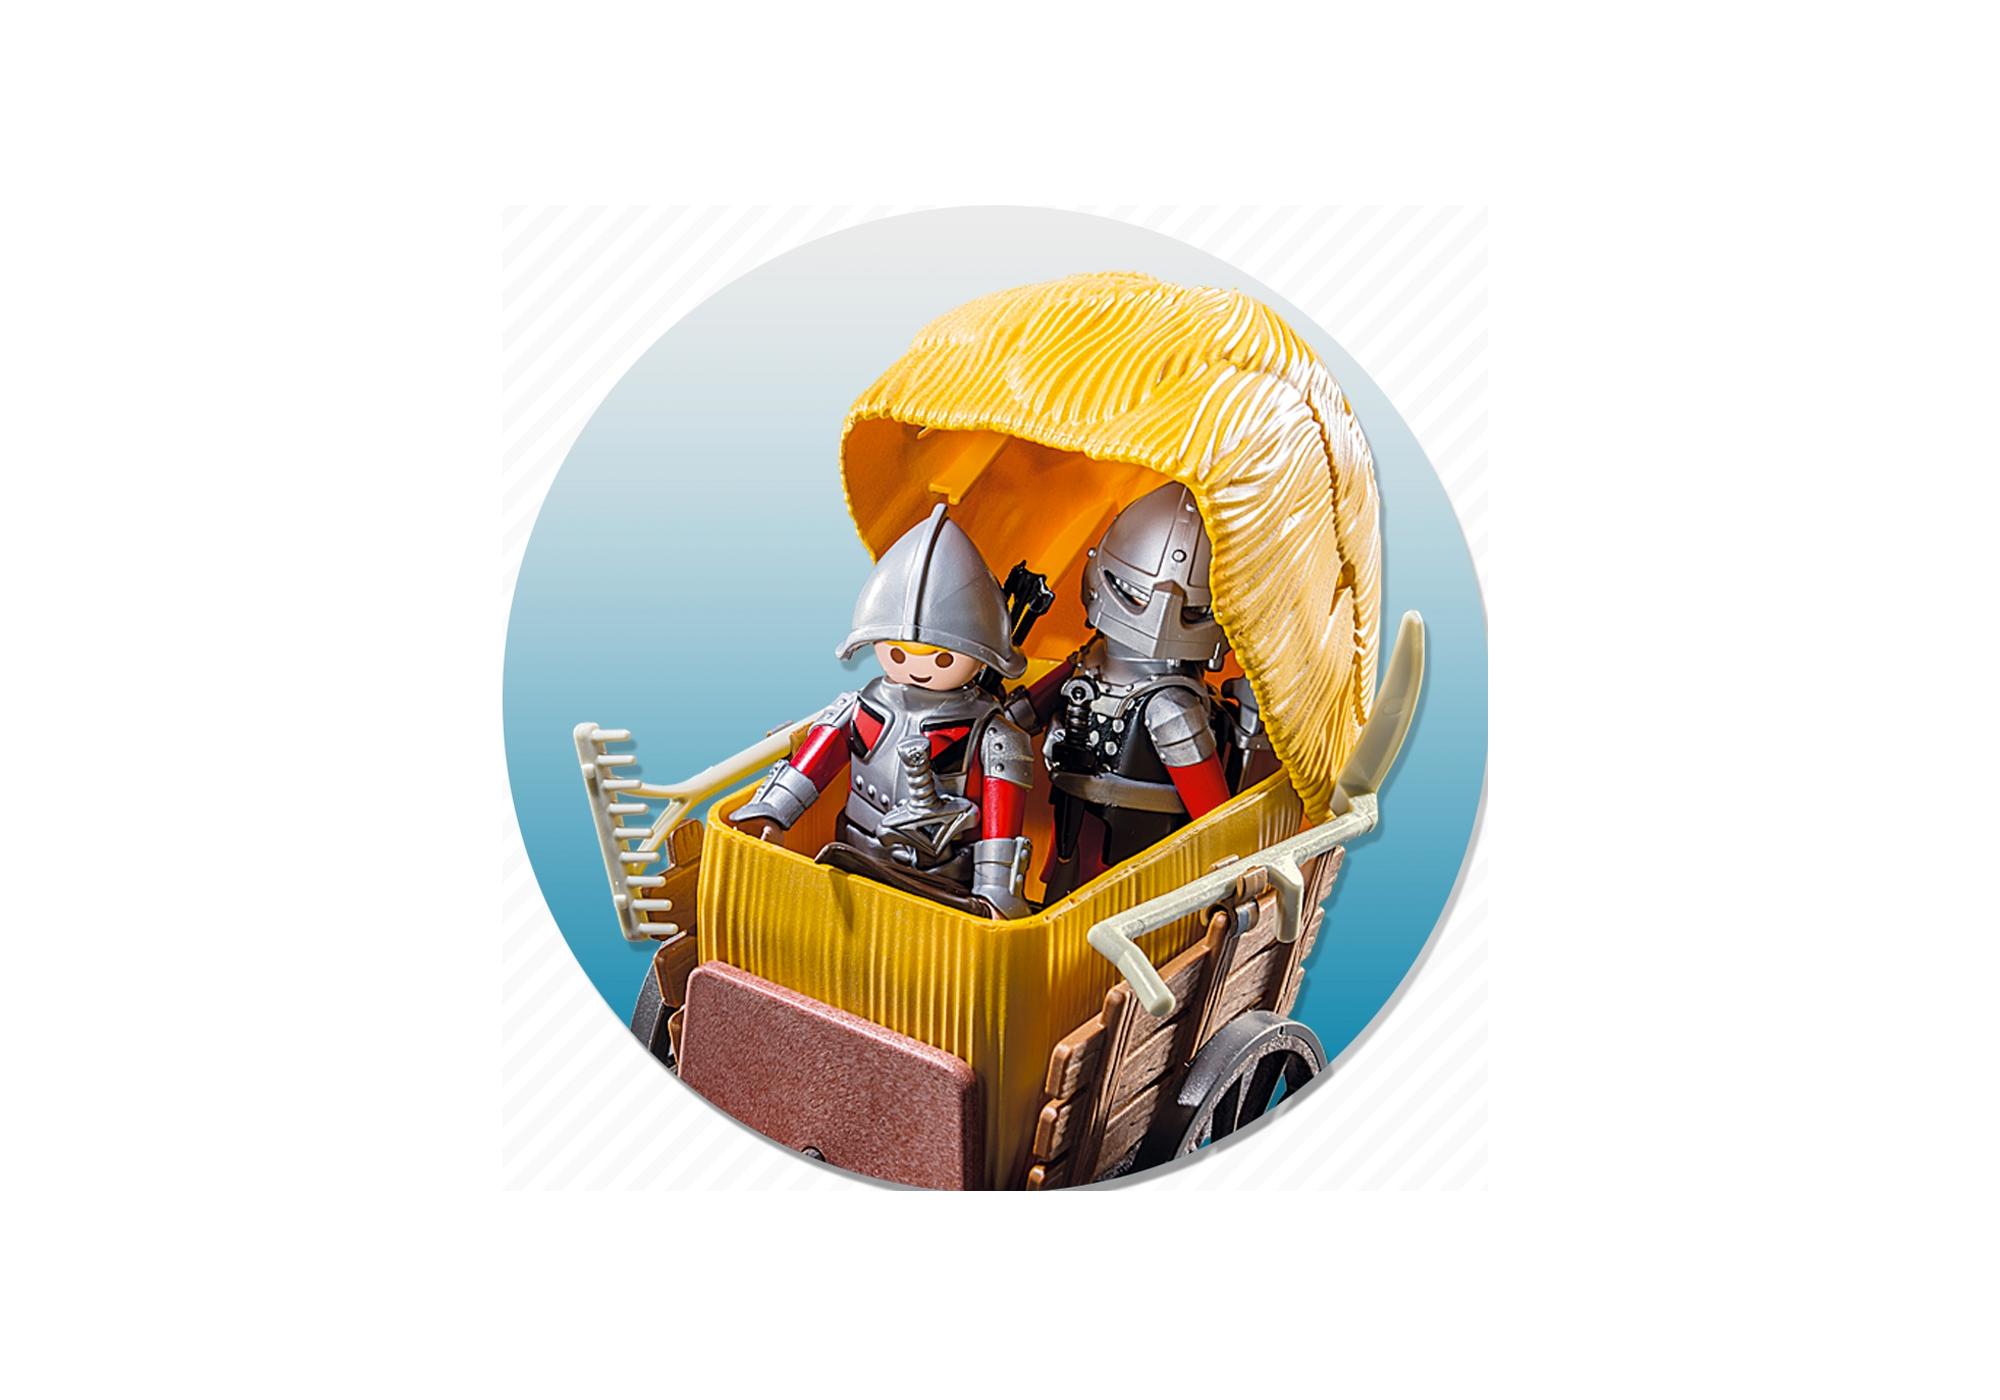 http://media.playmobil.com/i/playmobil/6005_product_extra1/Рыцари: Рыцари Сокола с камуфляжной повозкой